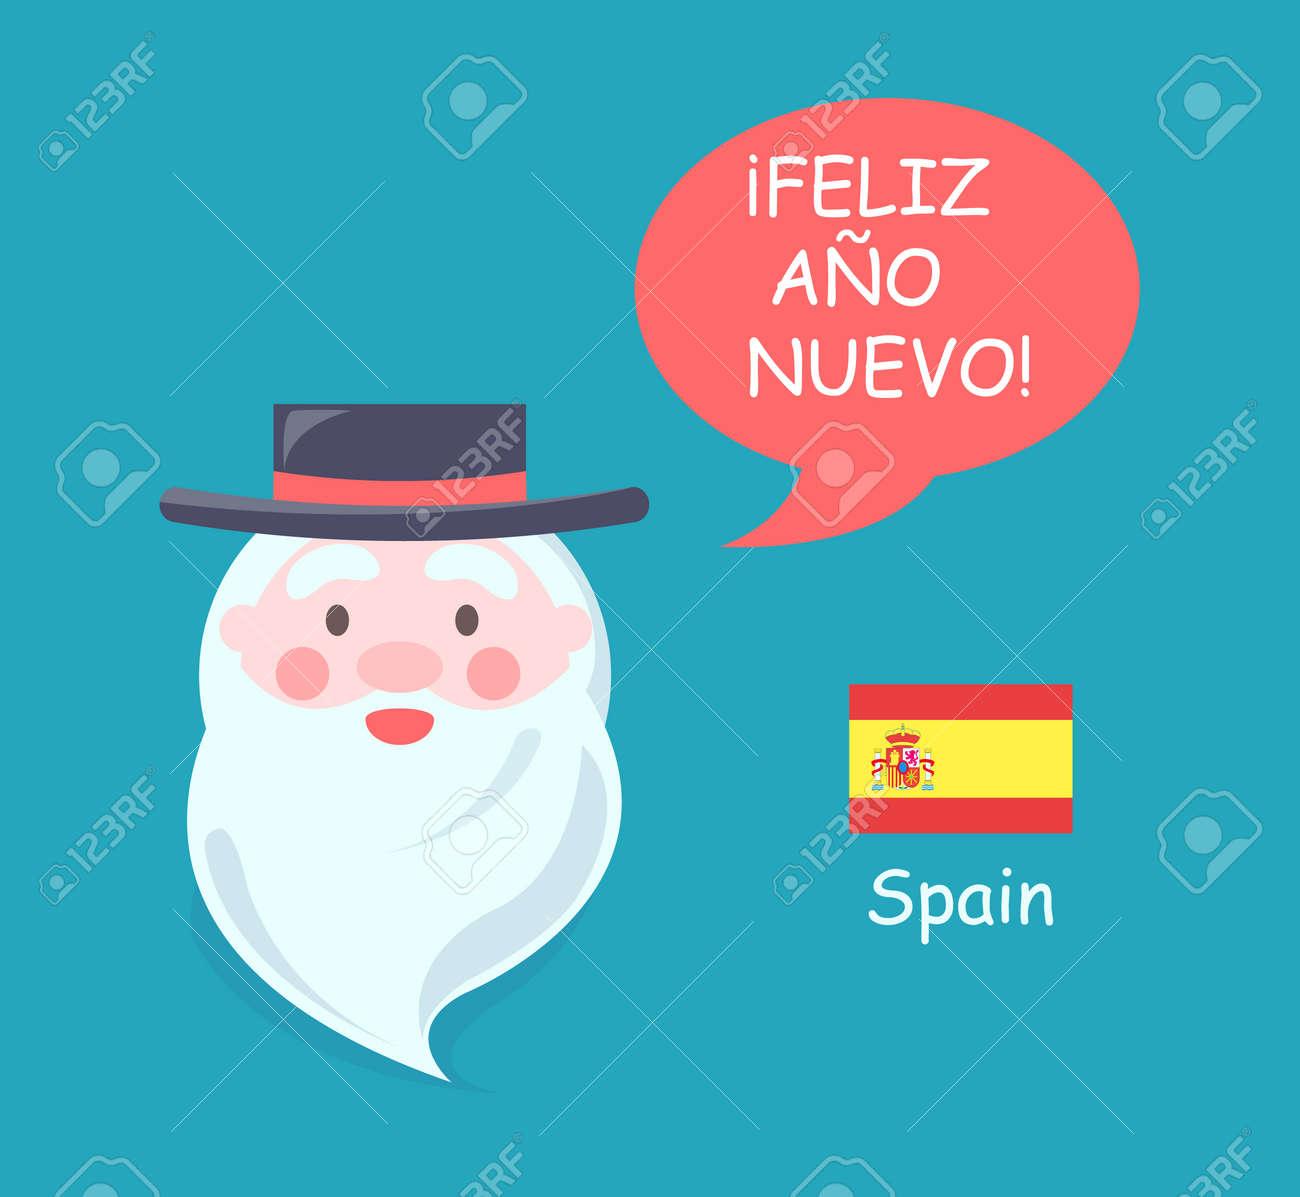 Espanha Papai Noel Tradução Ligado Espanhol De Feliz Ano Novo Frase Homem Barbudo Desgastar Chapéu Preto Vetorial Ilustração Isolado